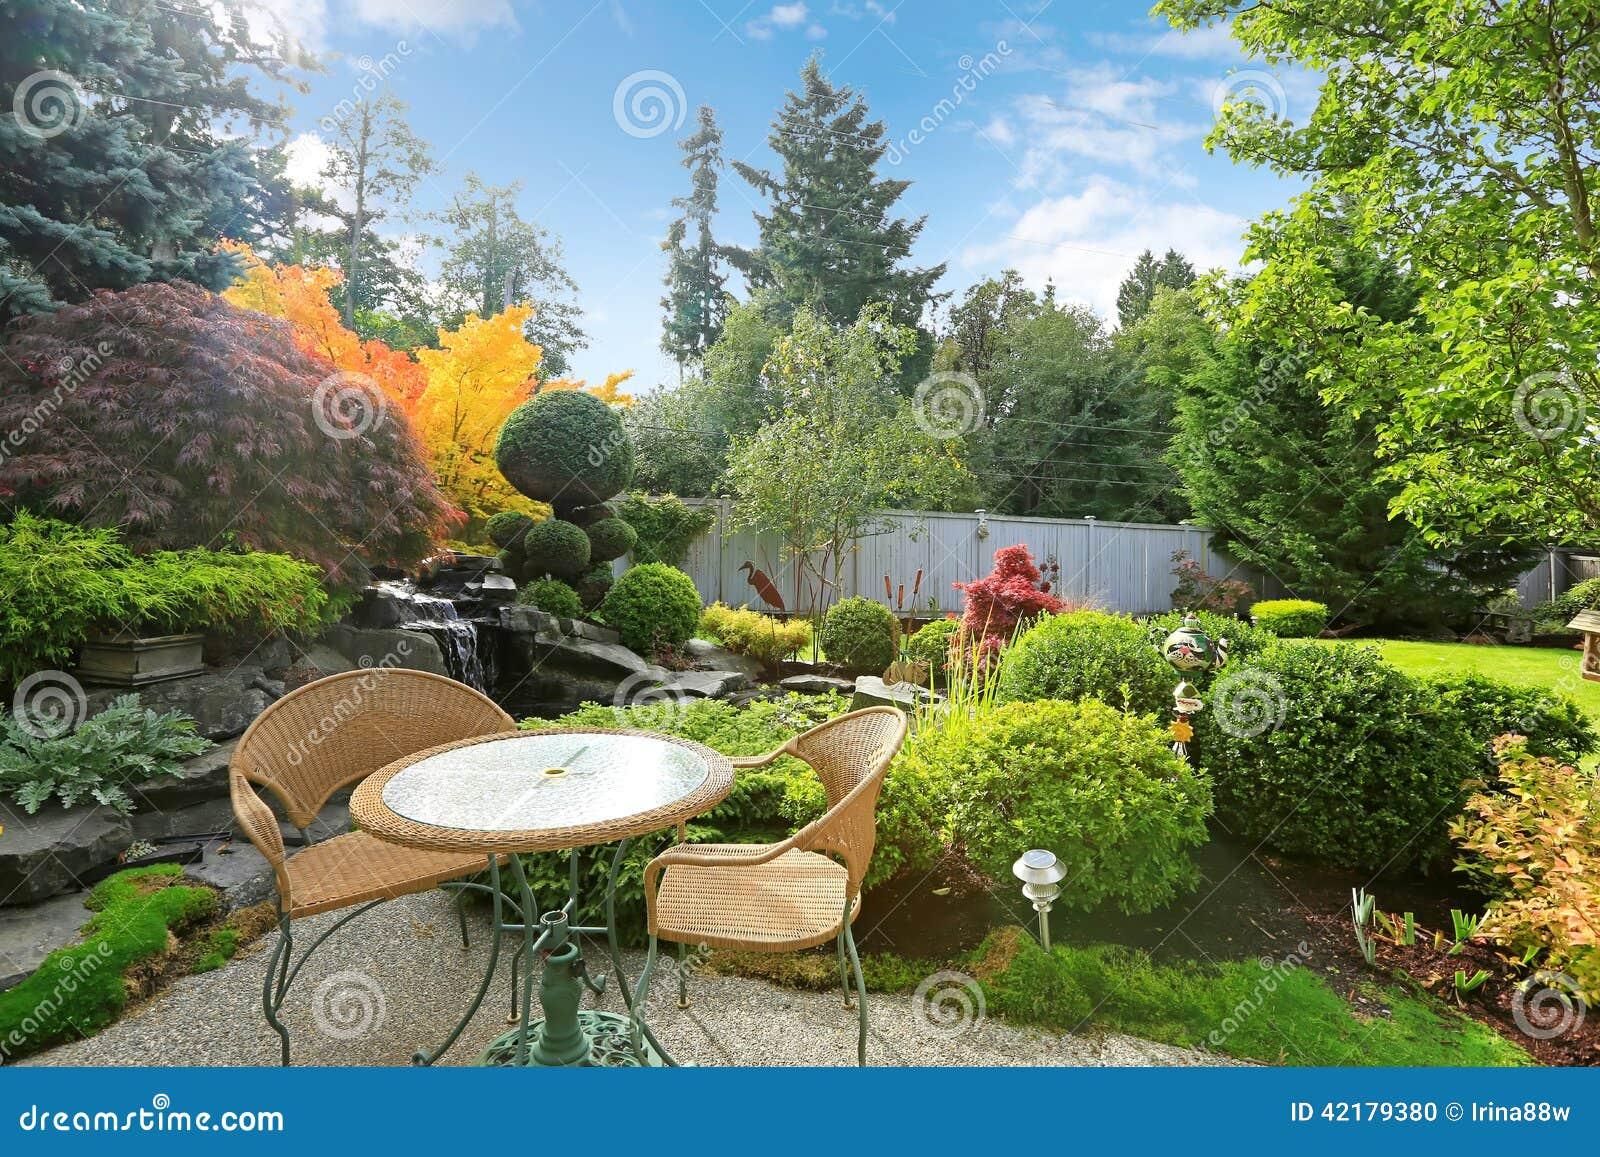 fotos de jardim tropical : fotos de jardim tropical:Jardim Tropical Home Com Grupo De Vime Da Tabela Foto de Stock